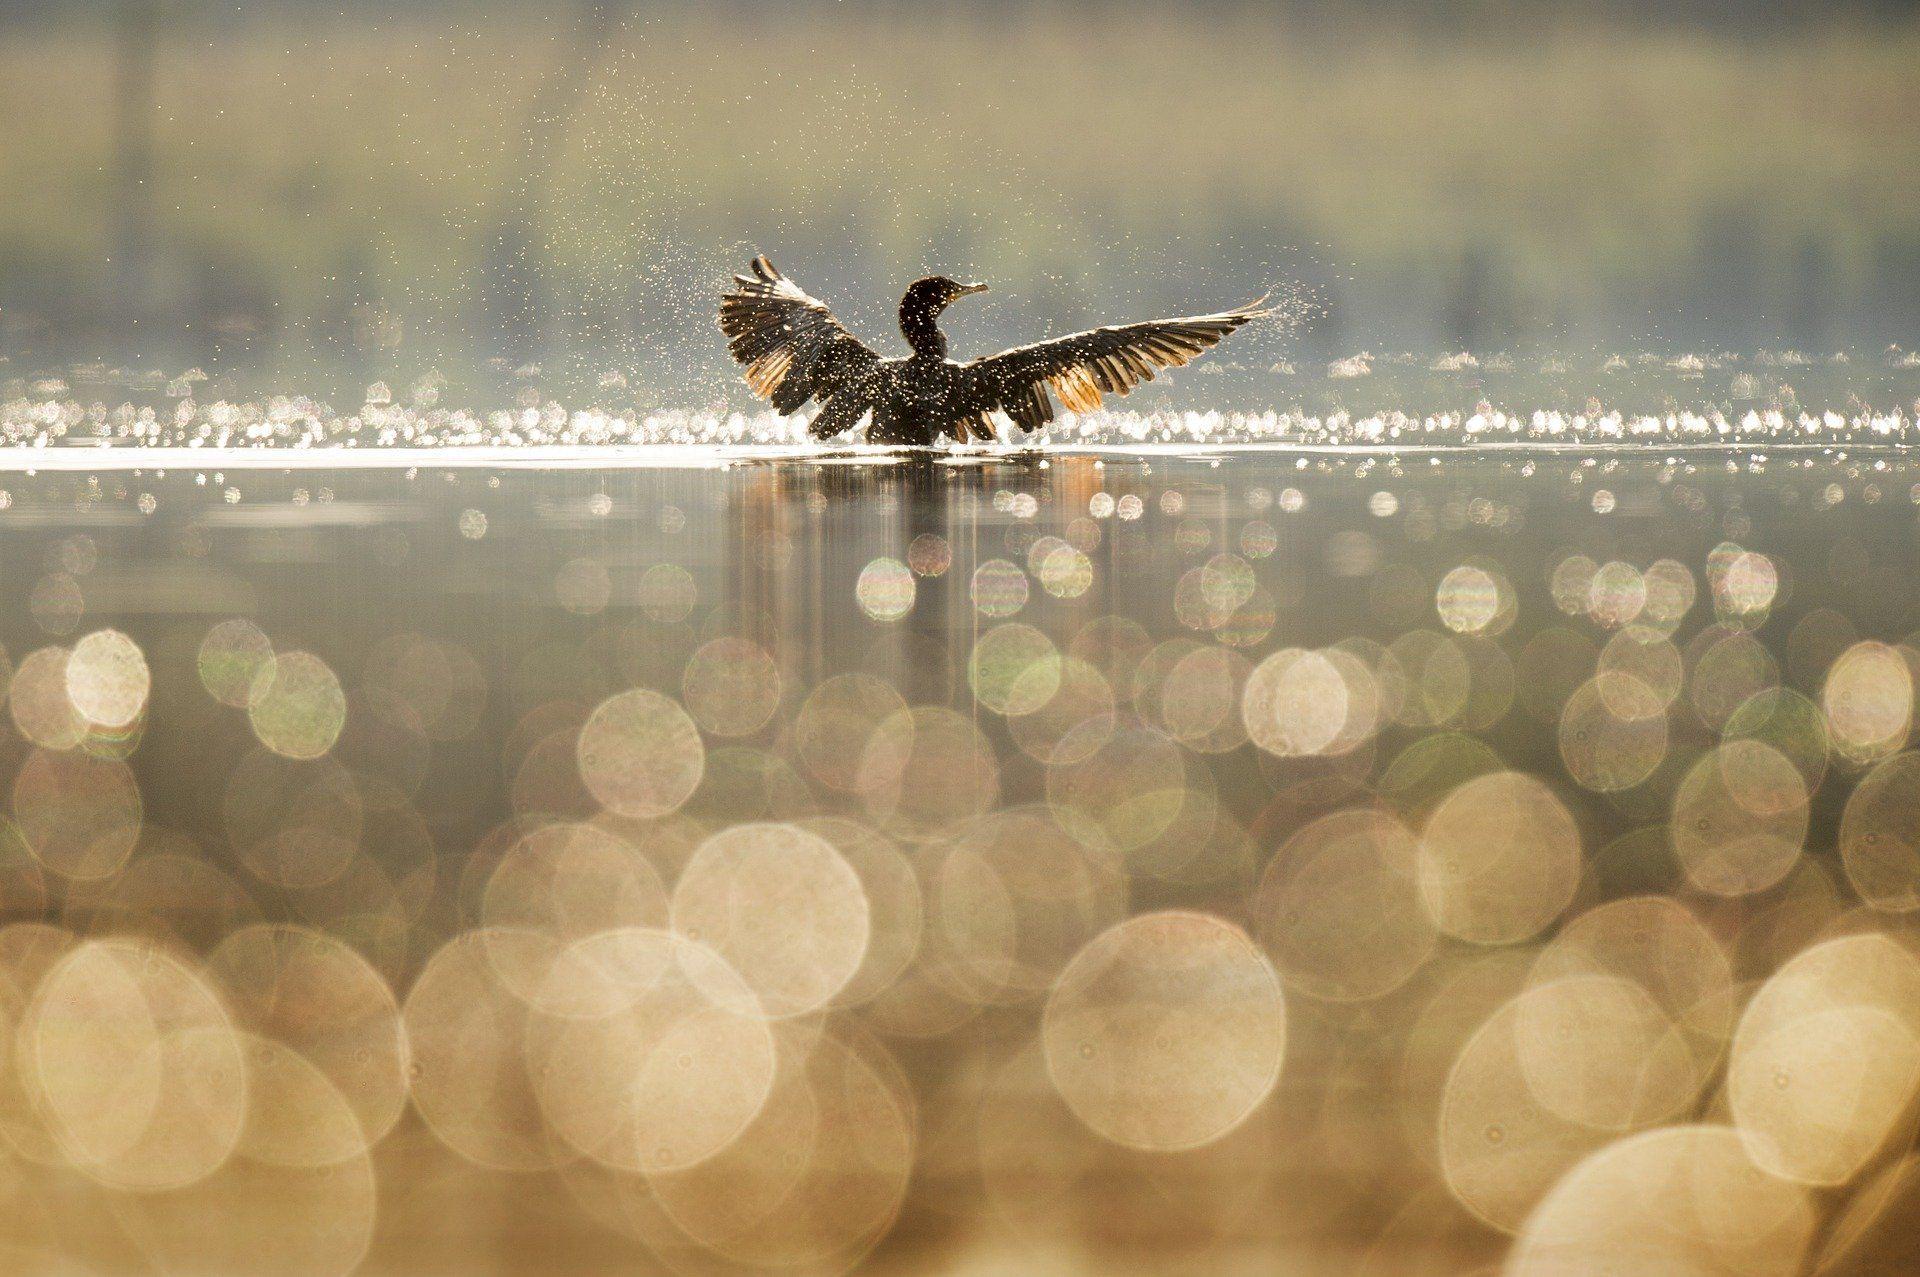 Смотреть бесплатно фото двух диких уток